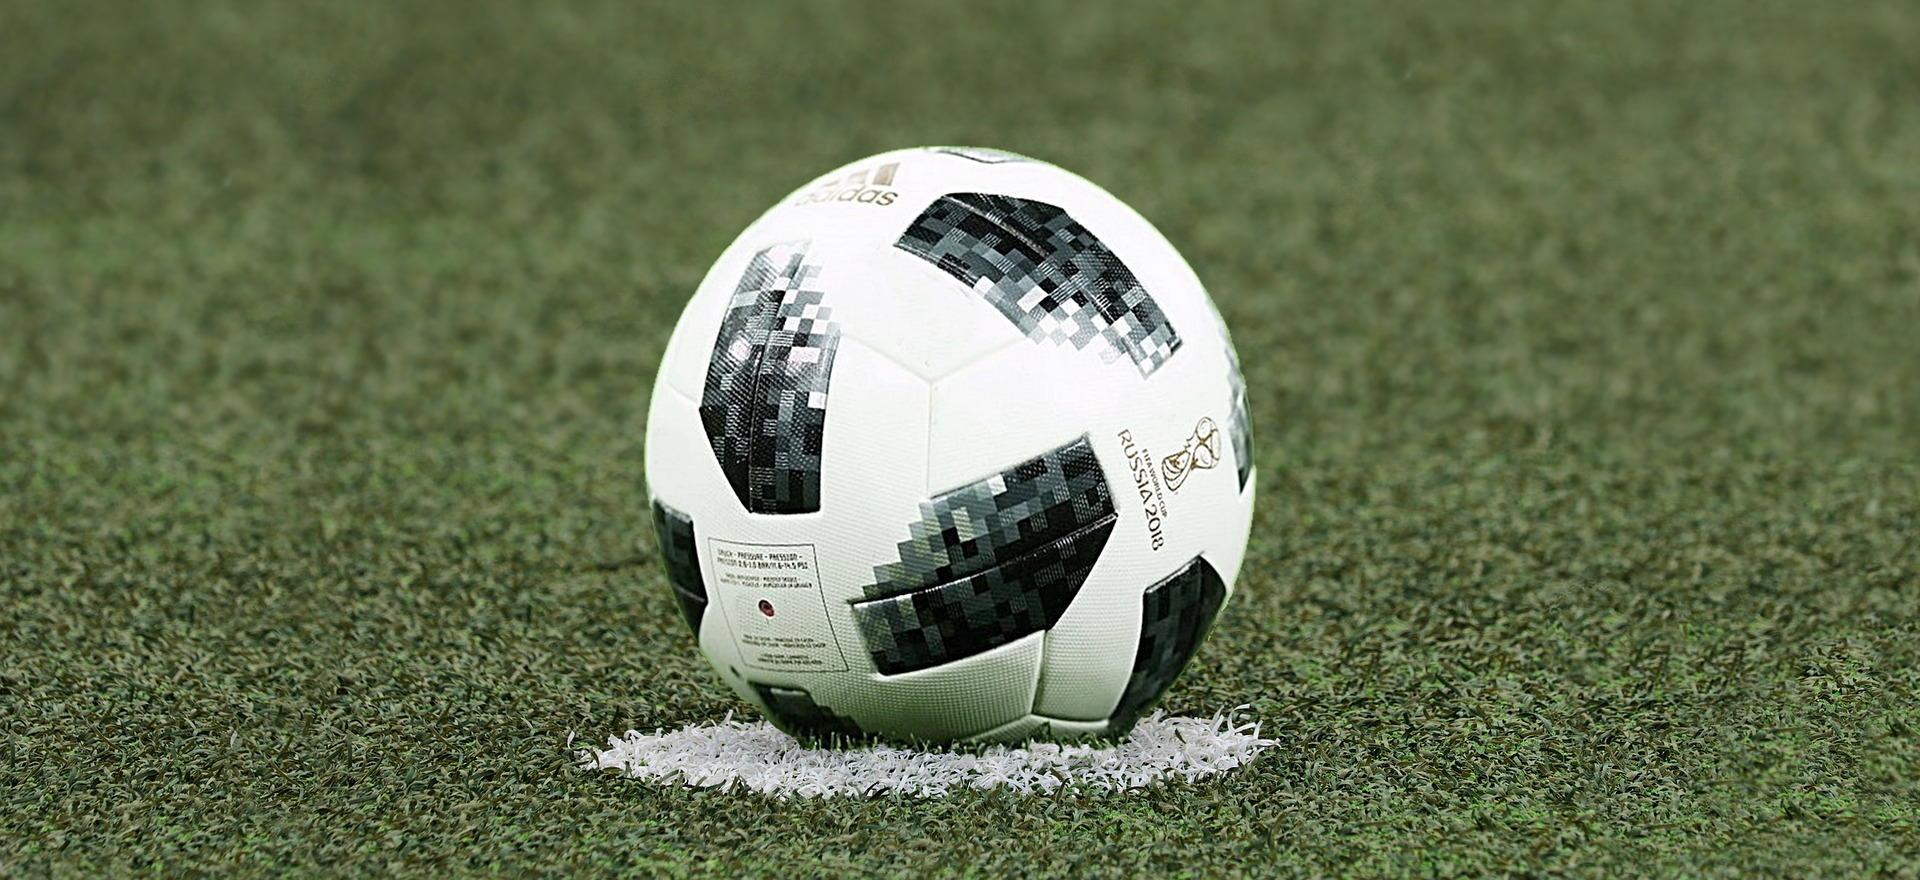 Soccer Ball - Image by S. Hermann & F. Richter